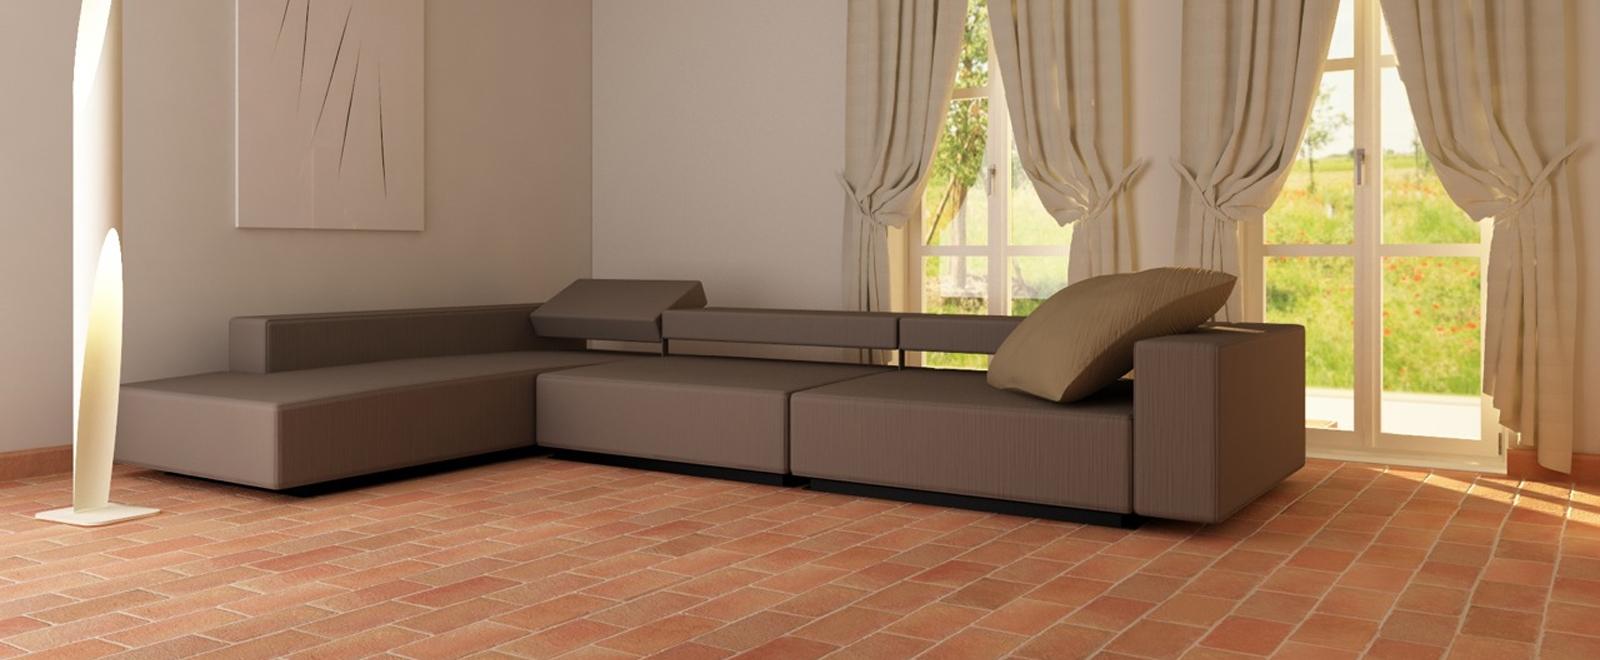 Camere da letto moderne chateau dax for Pavimenti moderni per interni